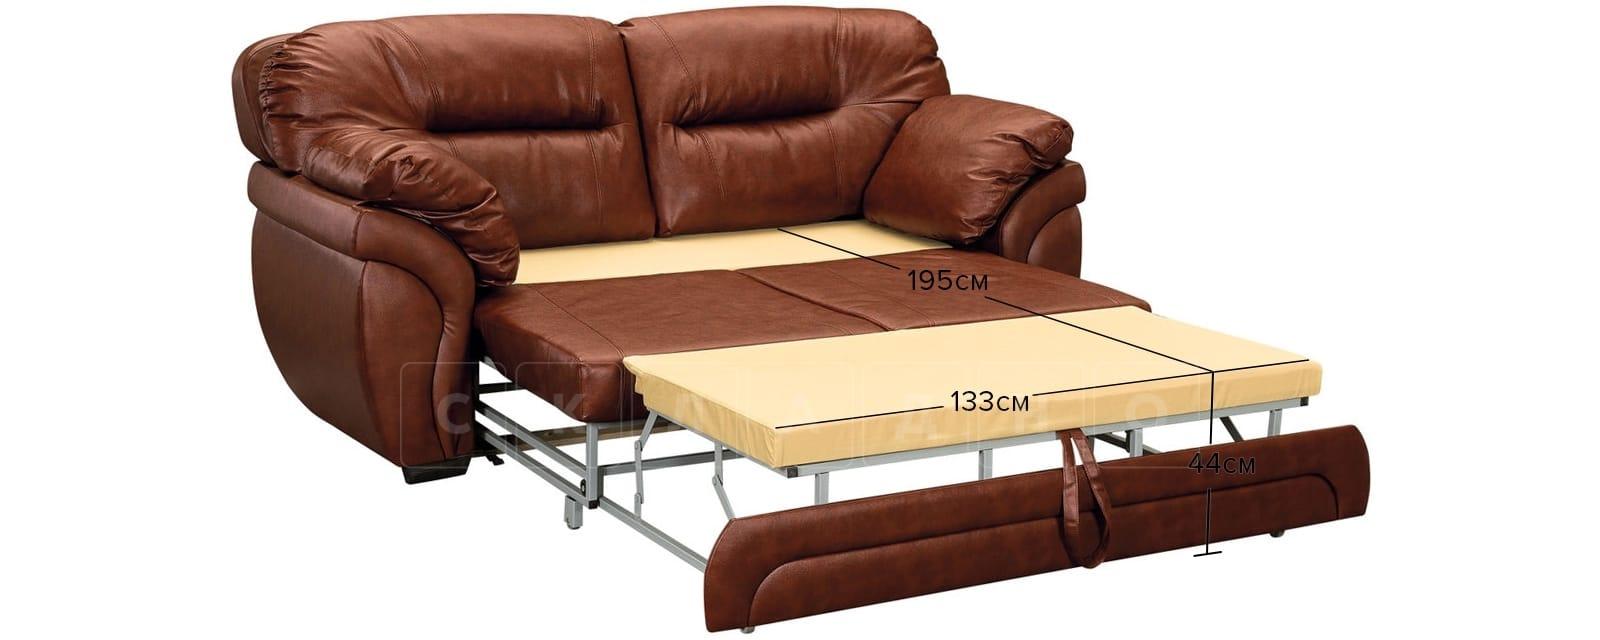 Диван Бристоль кожаный коричневого цвета фото 12 | интернет-магазин Складно